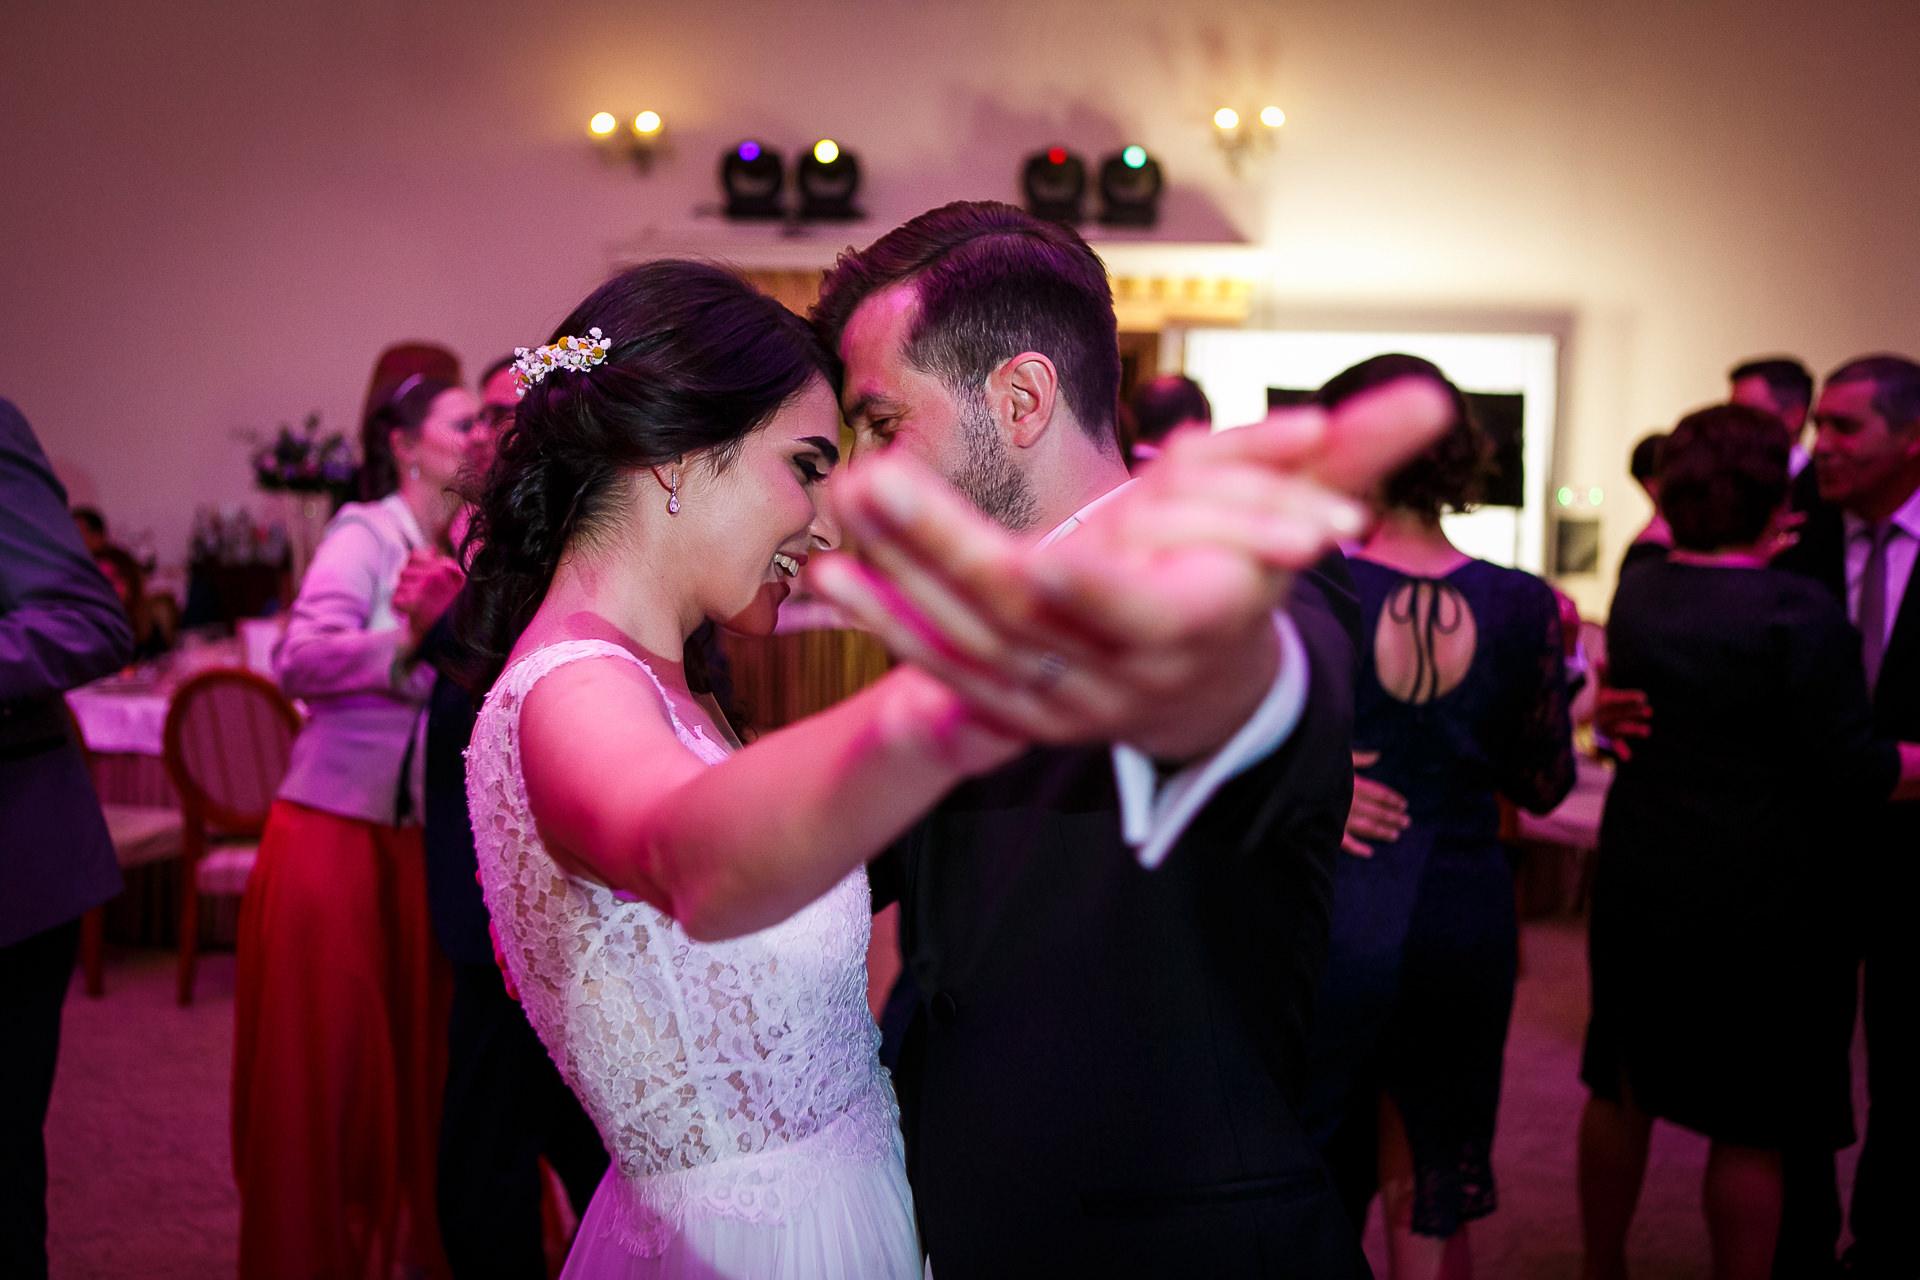 nuntă Salon Elisabeta - Elena şi Costin - Mihai Zaharia Photography - 057